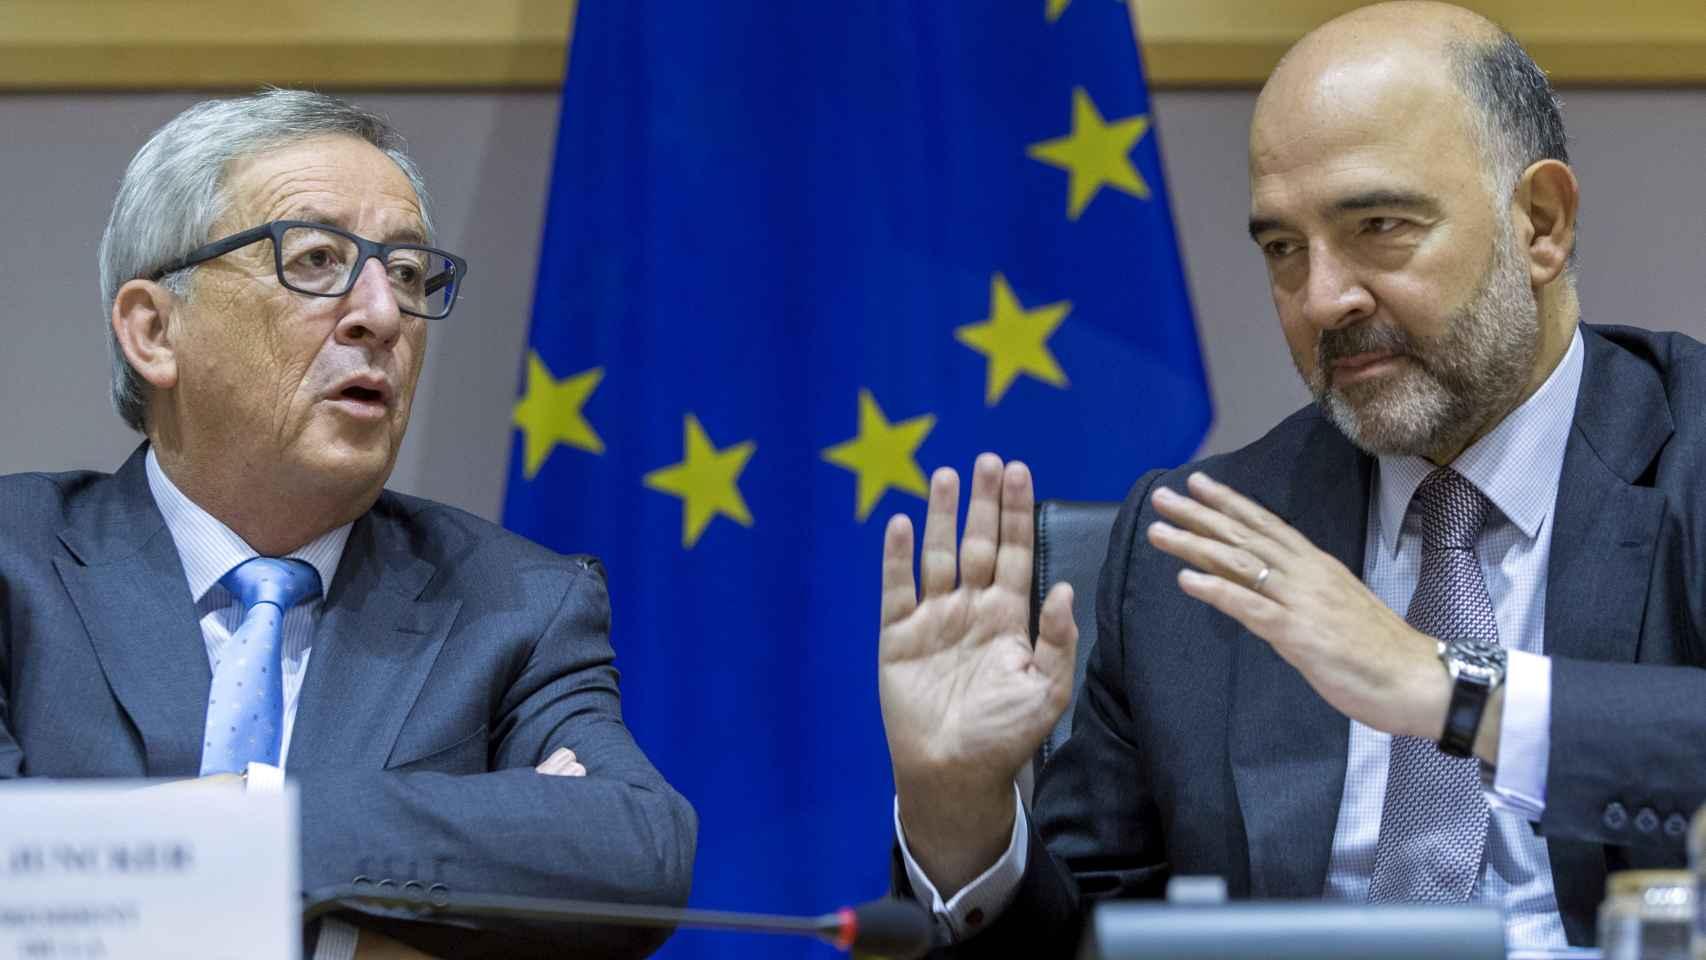 El presidente de la Comisión y el comisario de Asuntos Económicos